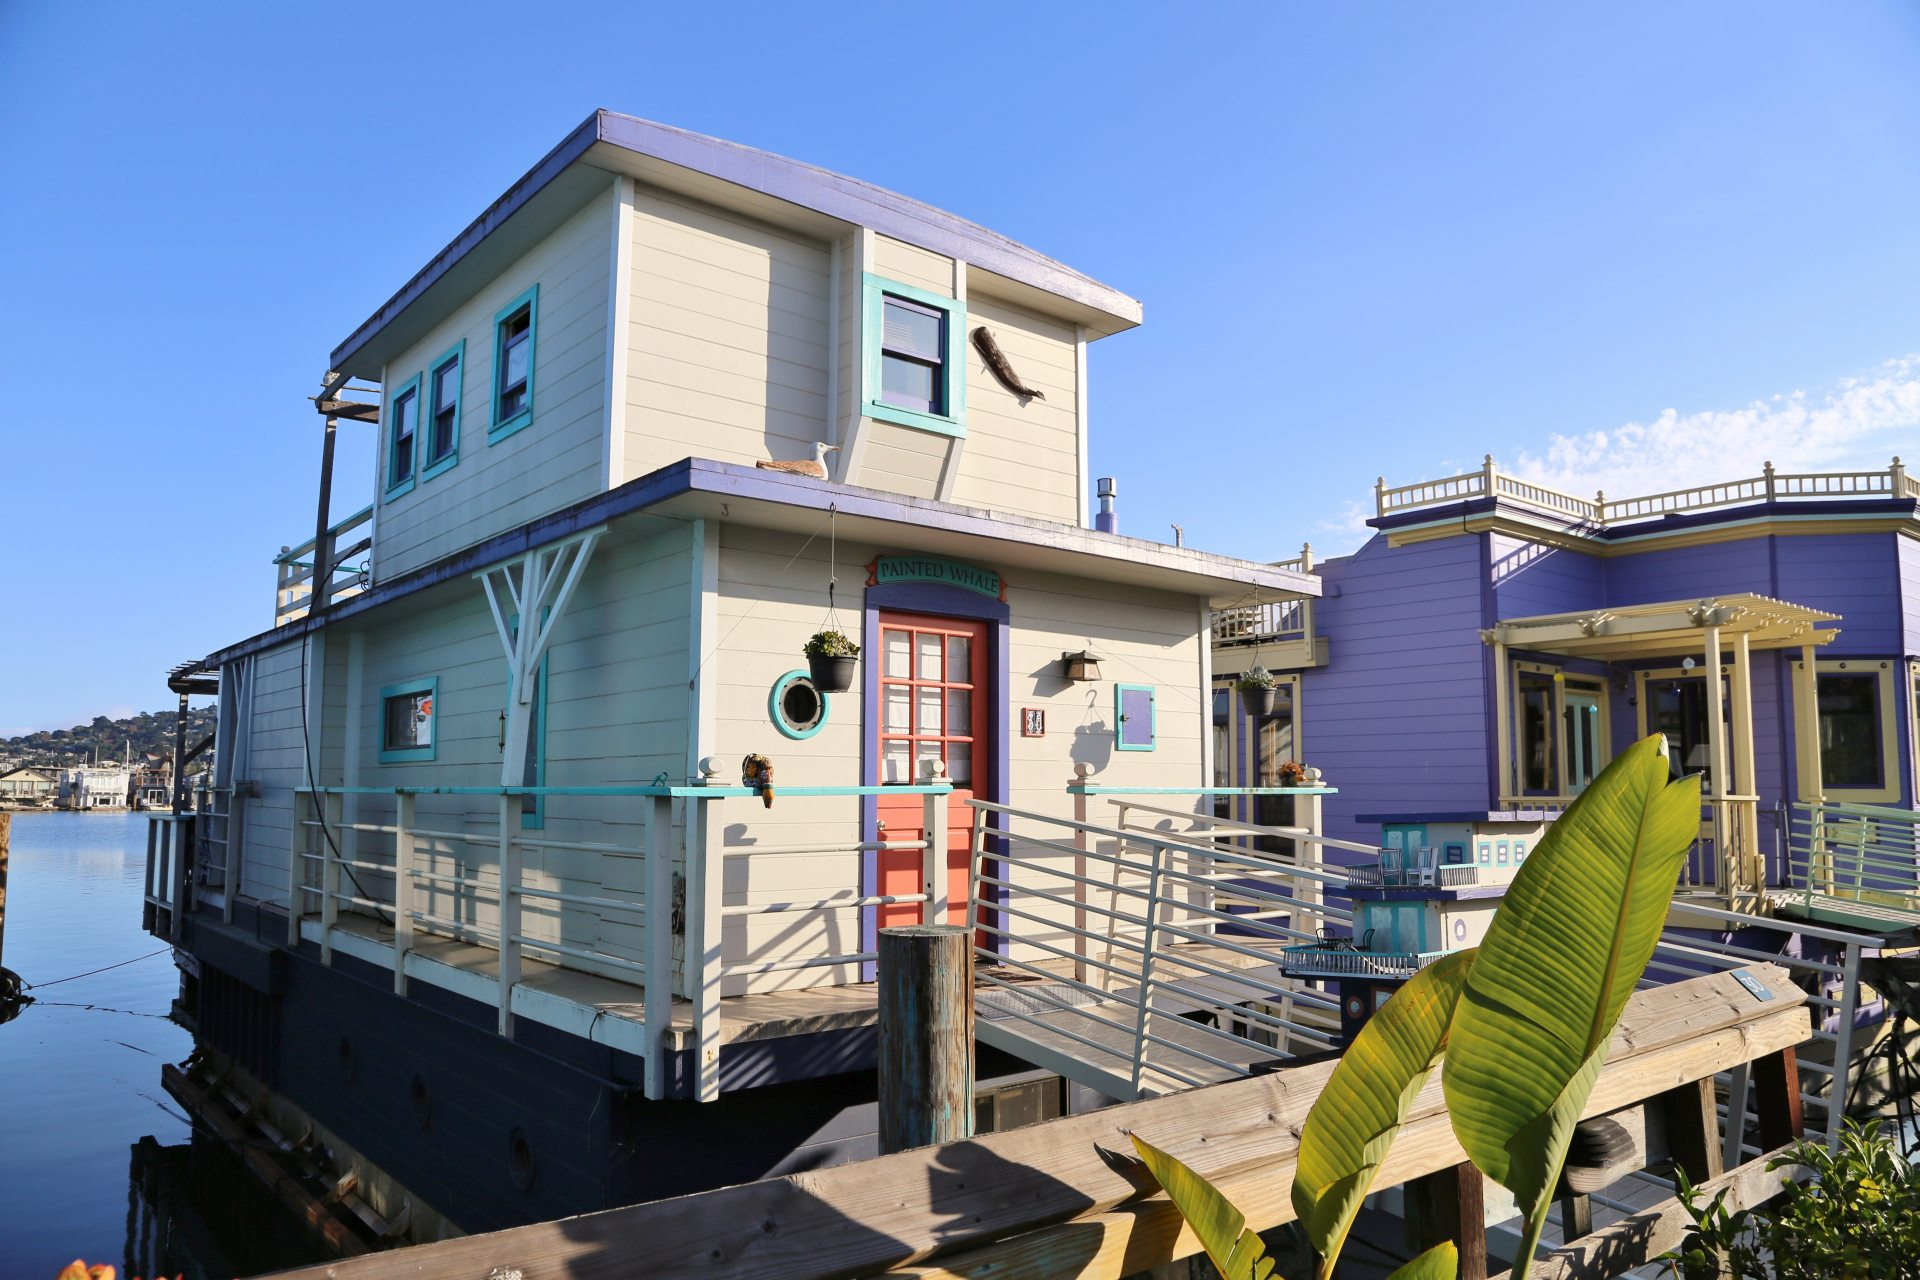 Painted Whale - Ankerplatz, Architektur, Boot, Gebäude, Haus, Hausboote, Himmel, Kalifornien, Painted Whale, San Francisco, Sausalito, Schiff, Wasser - (Waldo, Sausalito, California, Vereinigte Staaten)